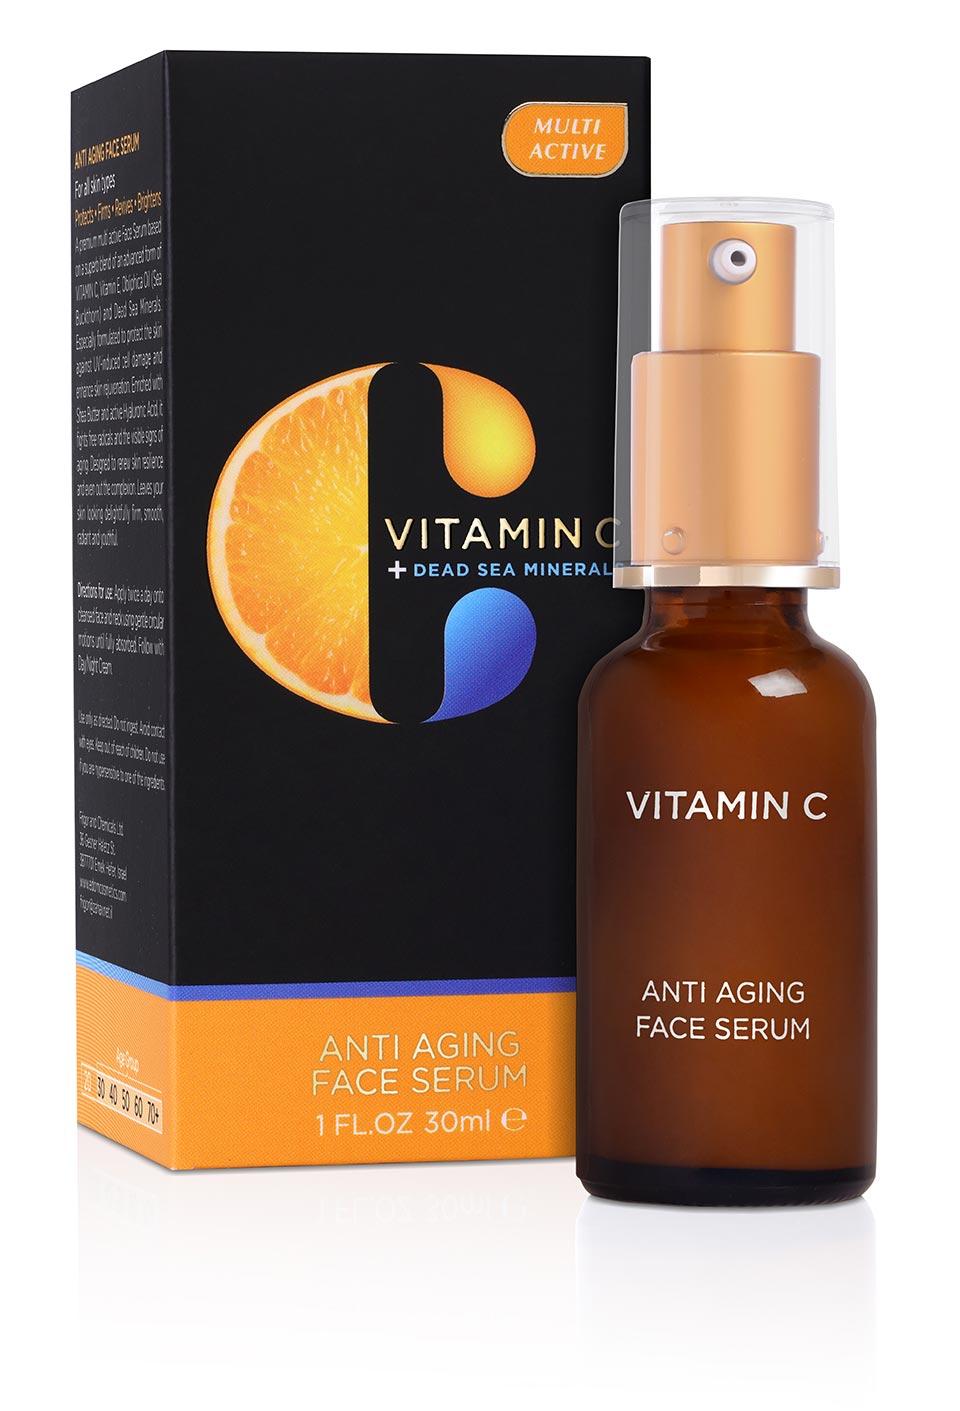 Anti Aging Face Serum Edom Cosmetics Naturally Scientific